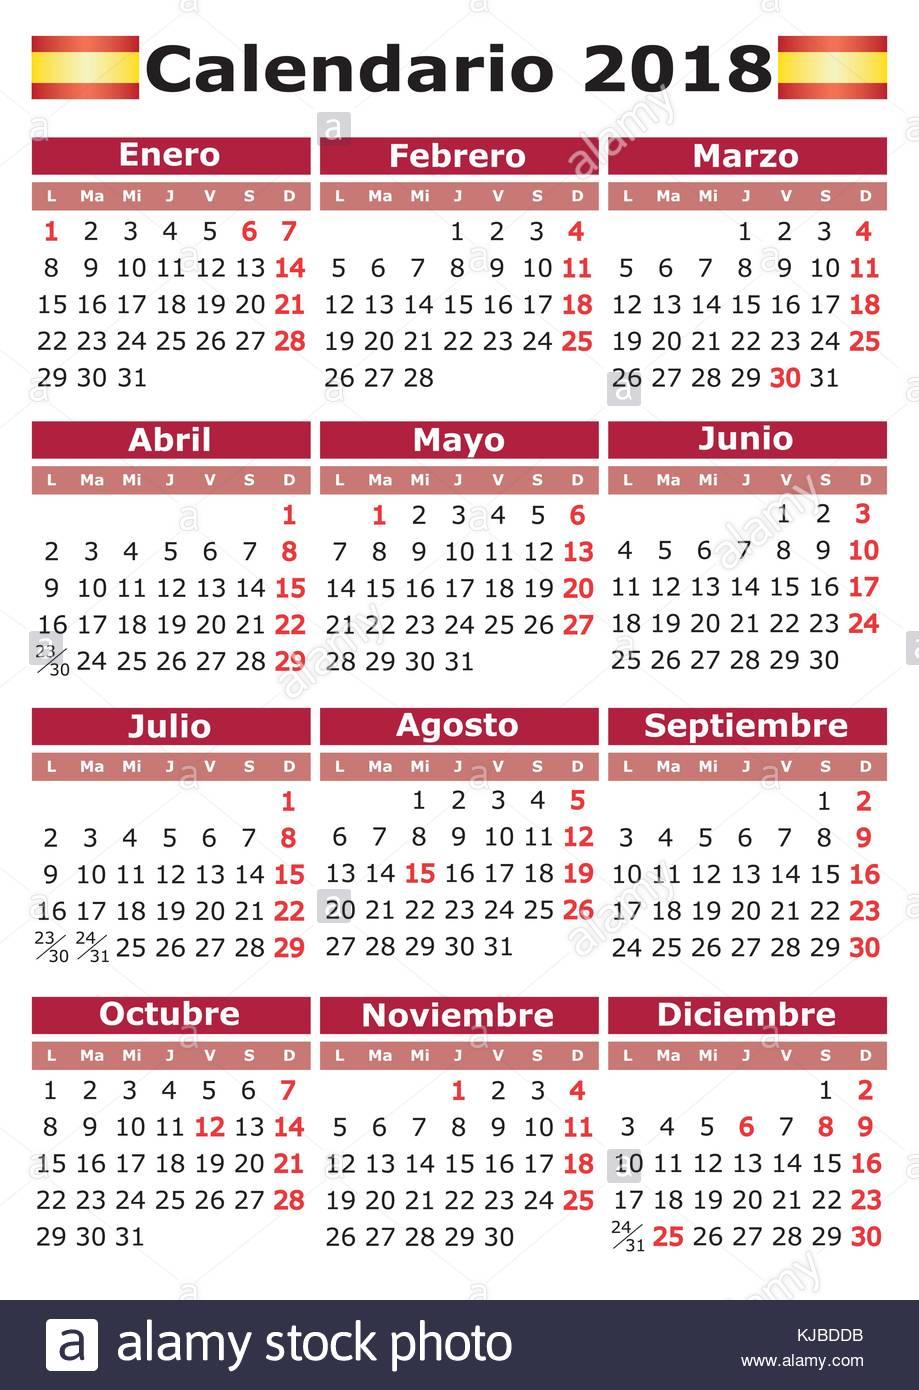 Calendarios 2018 Para Imprimir